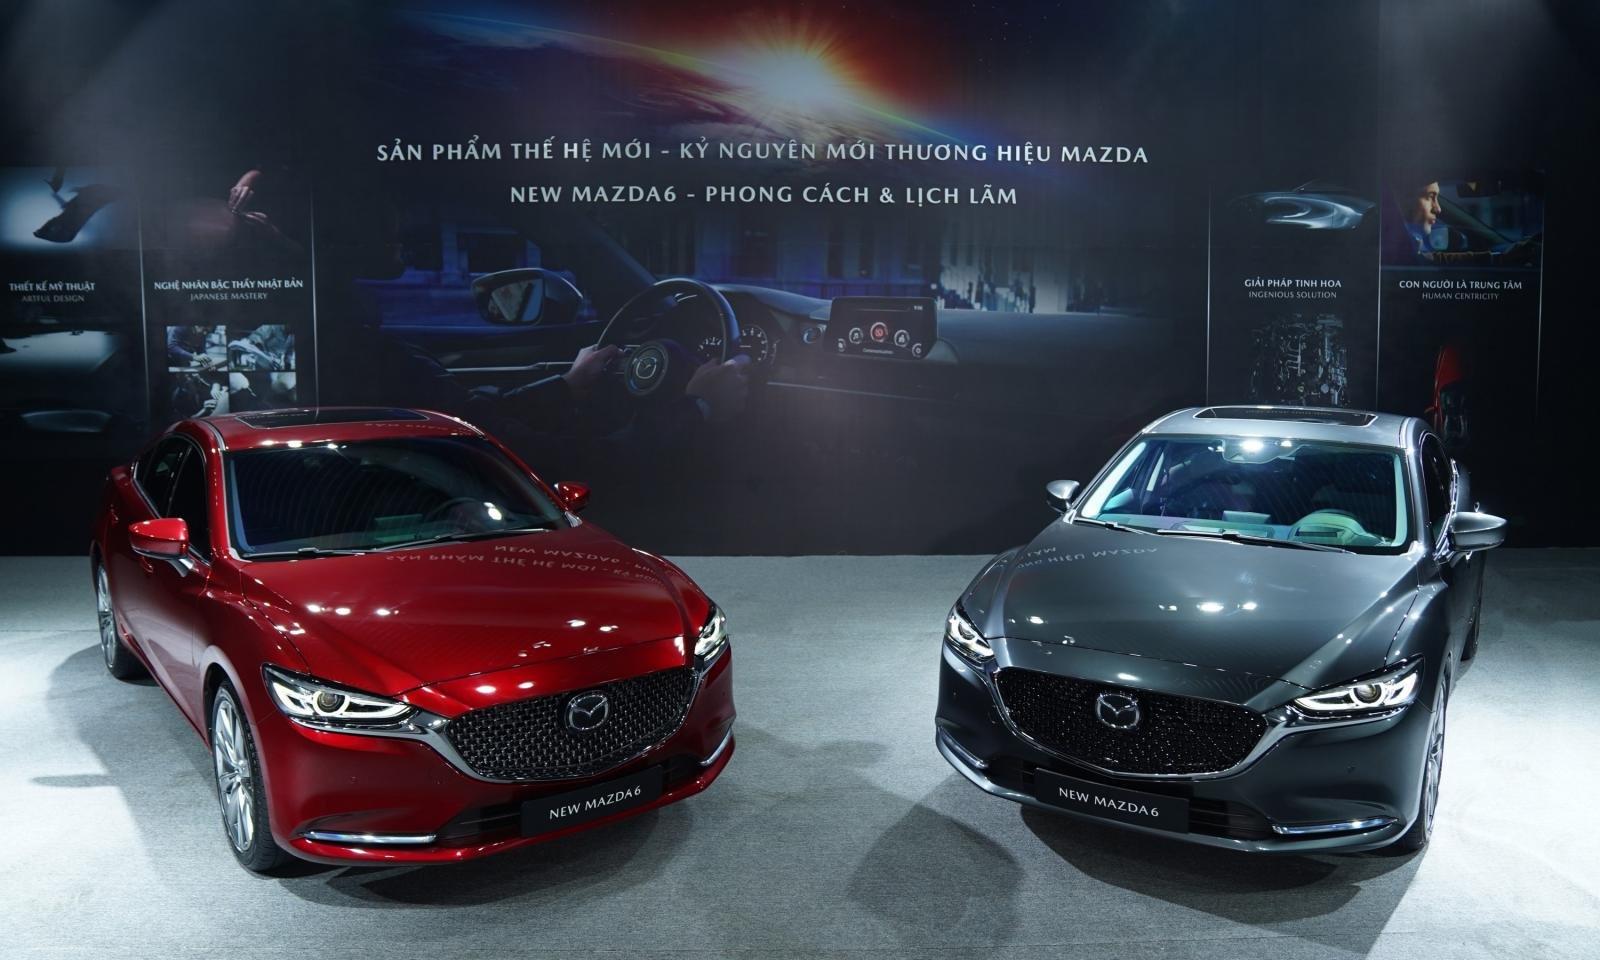 So sánh xe Mazda 6 với các đối thủ cùng phân khúc